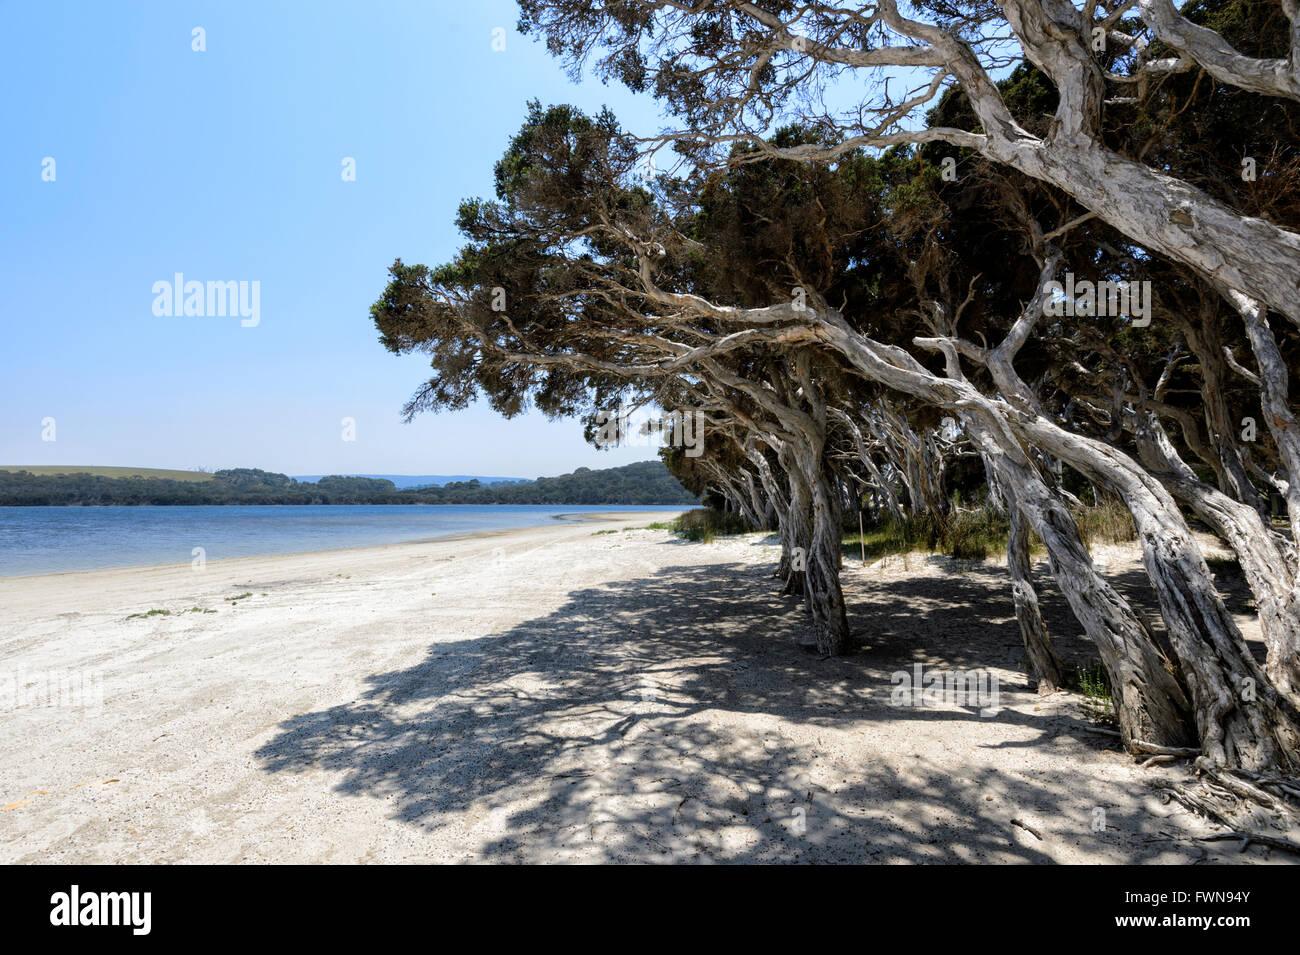 Agua salada cuticularis Paperbark (Melaleuca), Playa Nanarup, Australia Occidental, WA, Australia Imagen De Stock